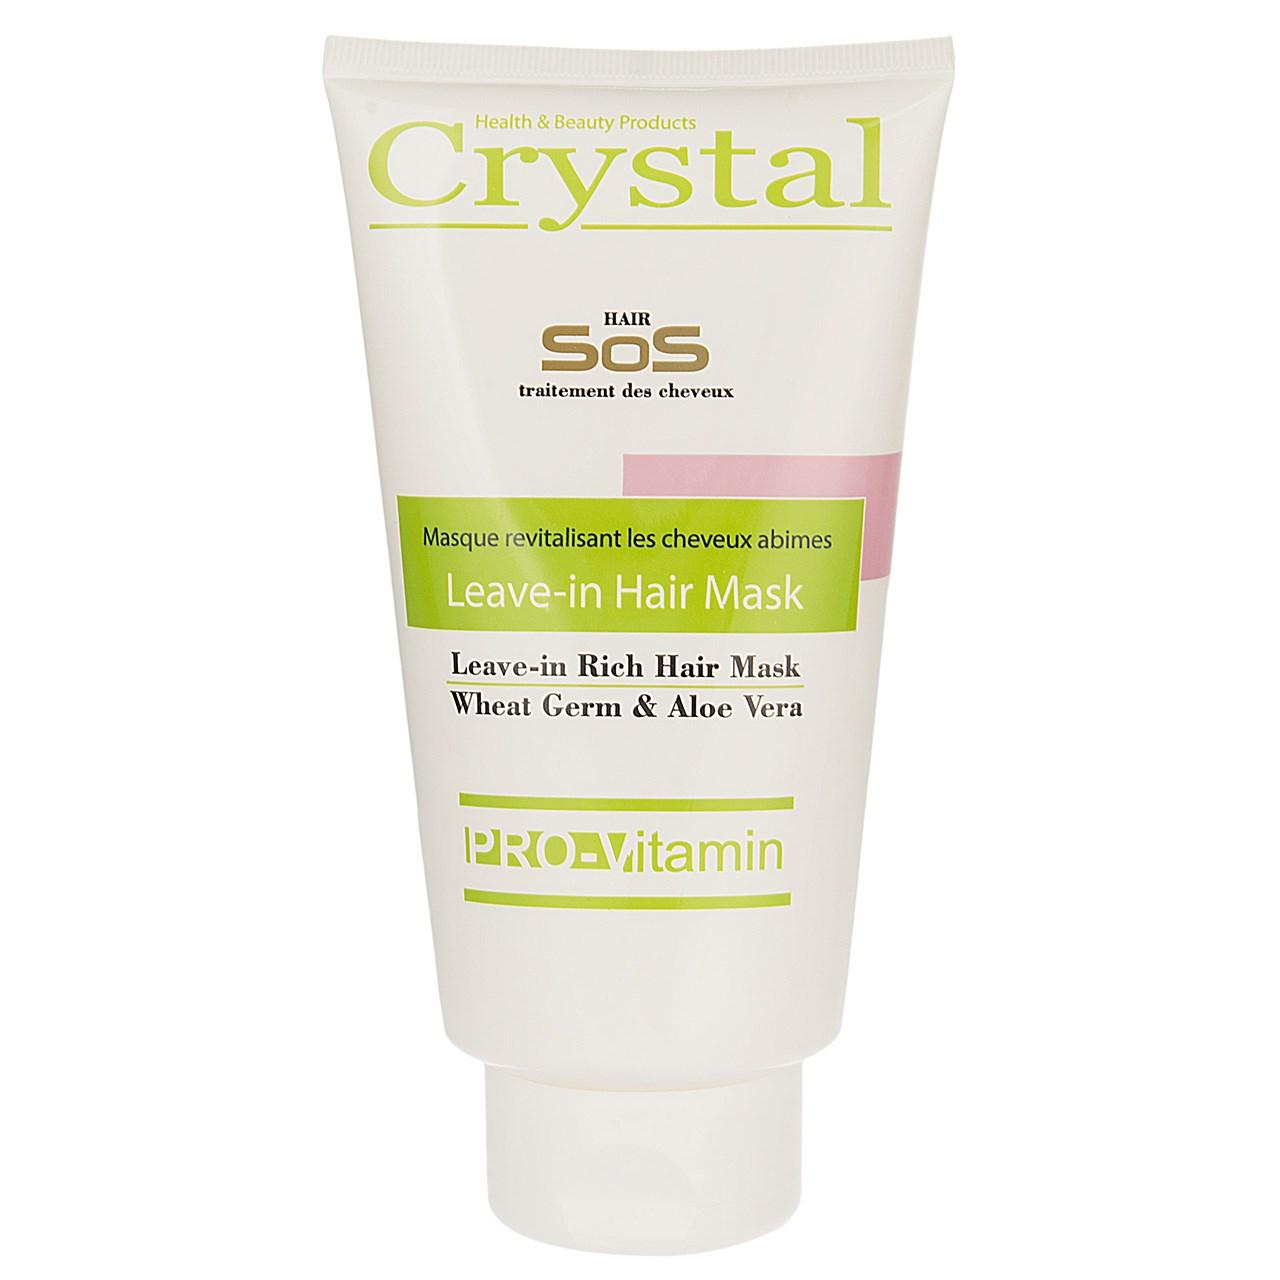 ماسک مو تغدیه کننده کریستال مدل Amino Pro-Vitamin حجم 300 میلی لیتر